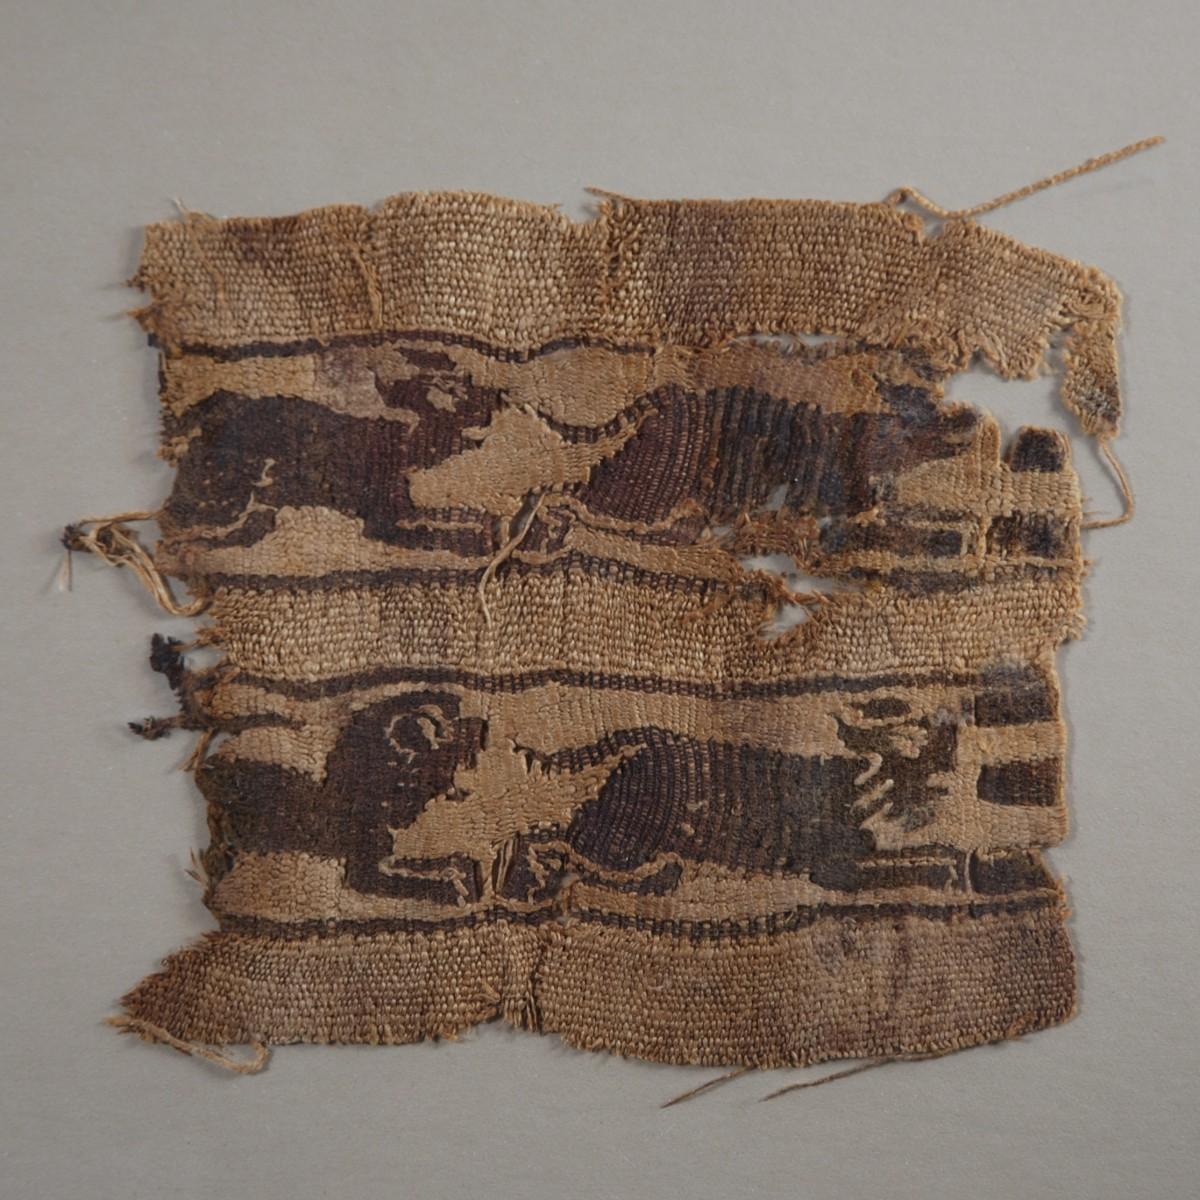 Coptic textile with running animals close